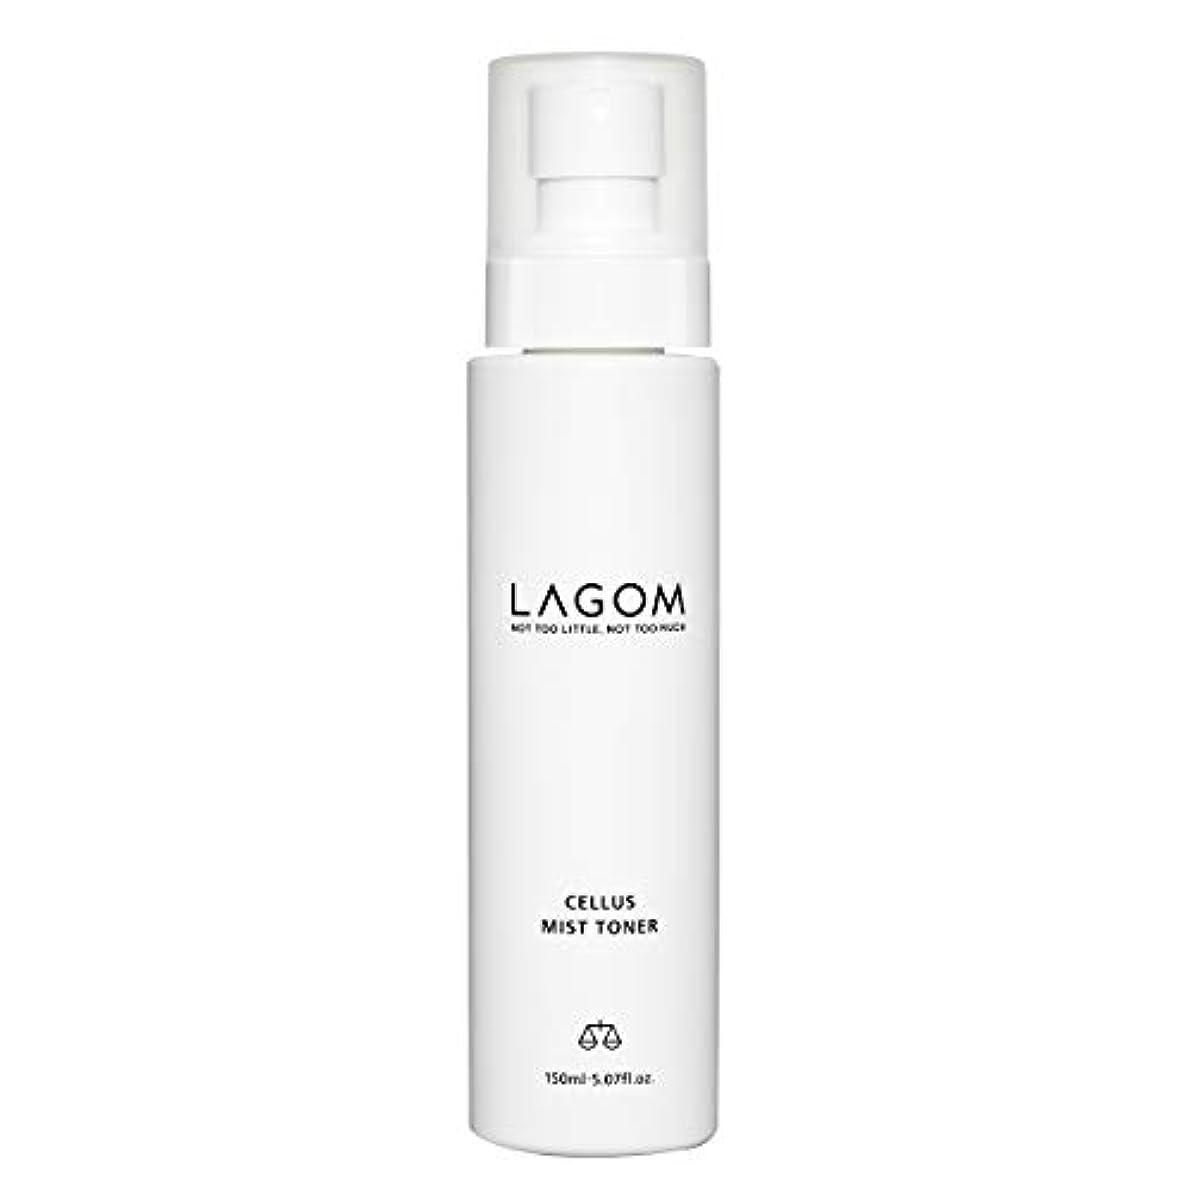 め言葉ストレスの多い刑務所LAGOM(ラゴム) ラゴム ミスト トナー 150ml (化粧水) 日本正規品